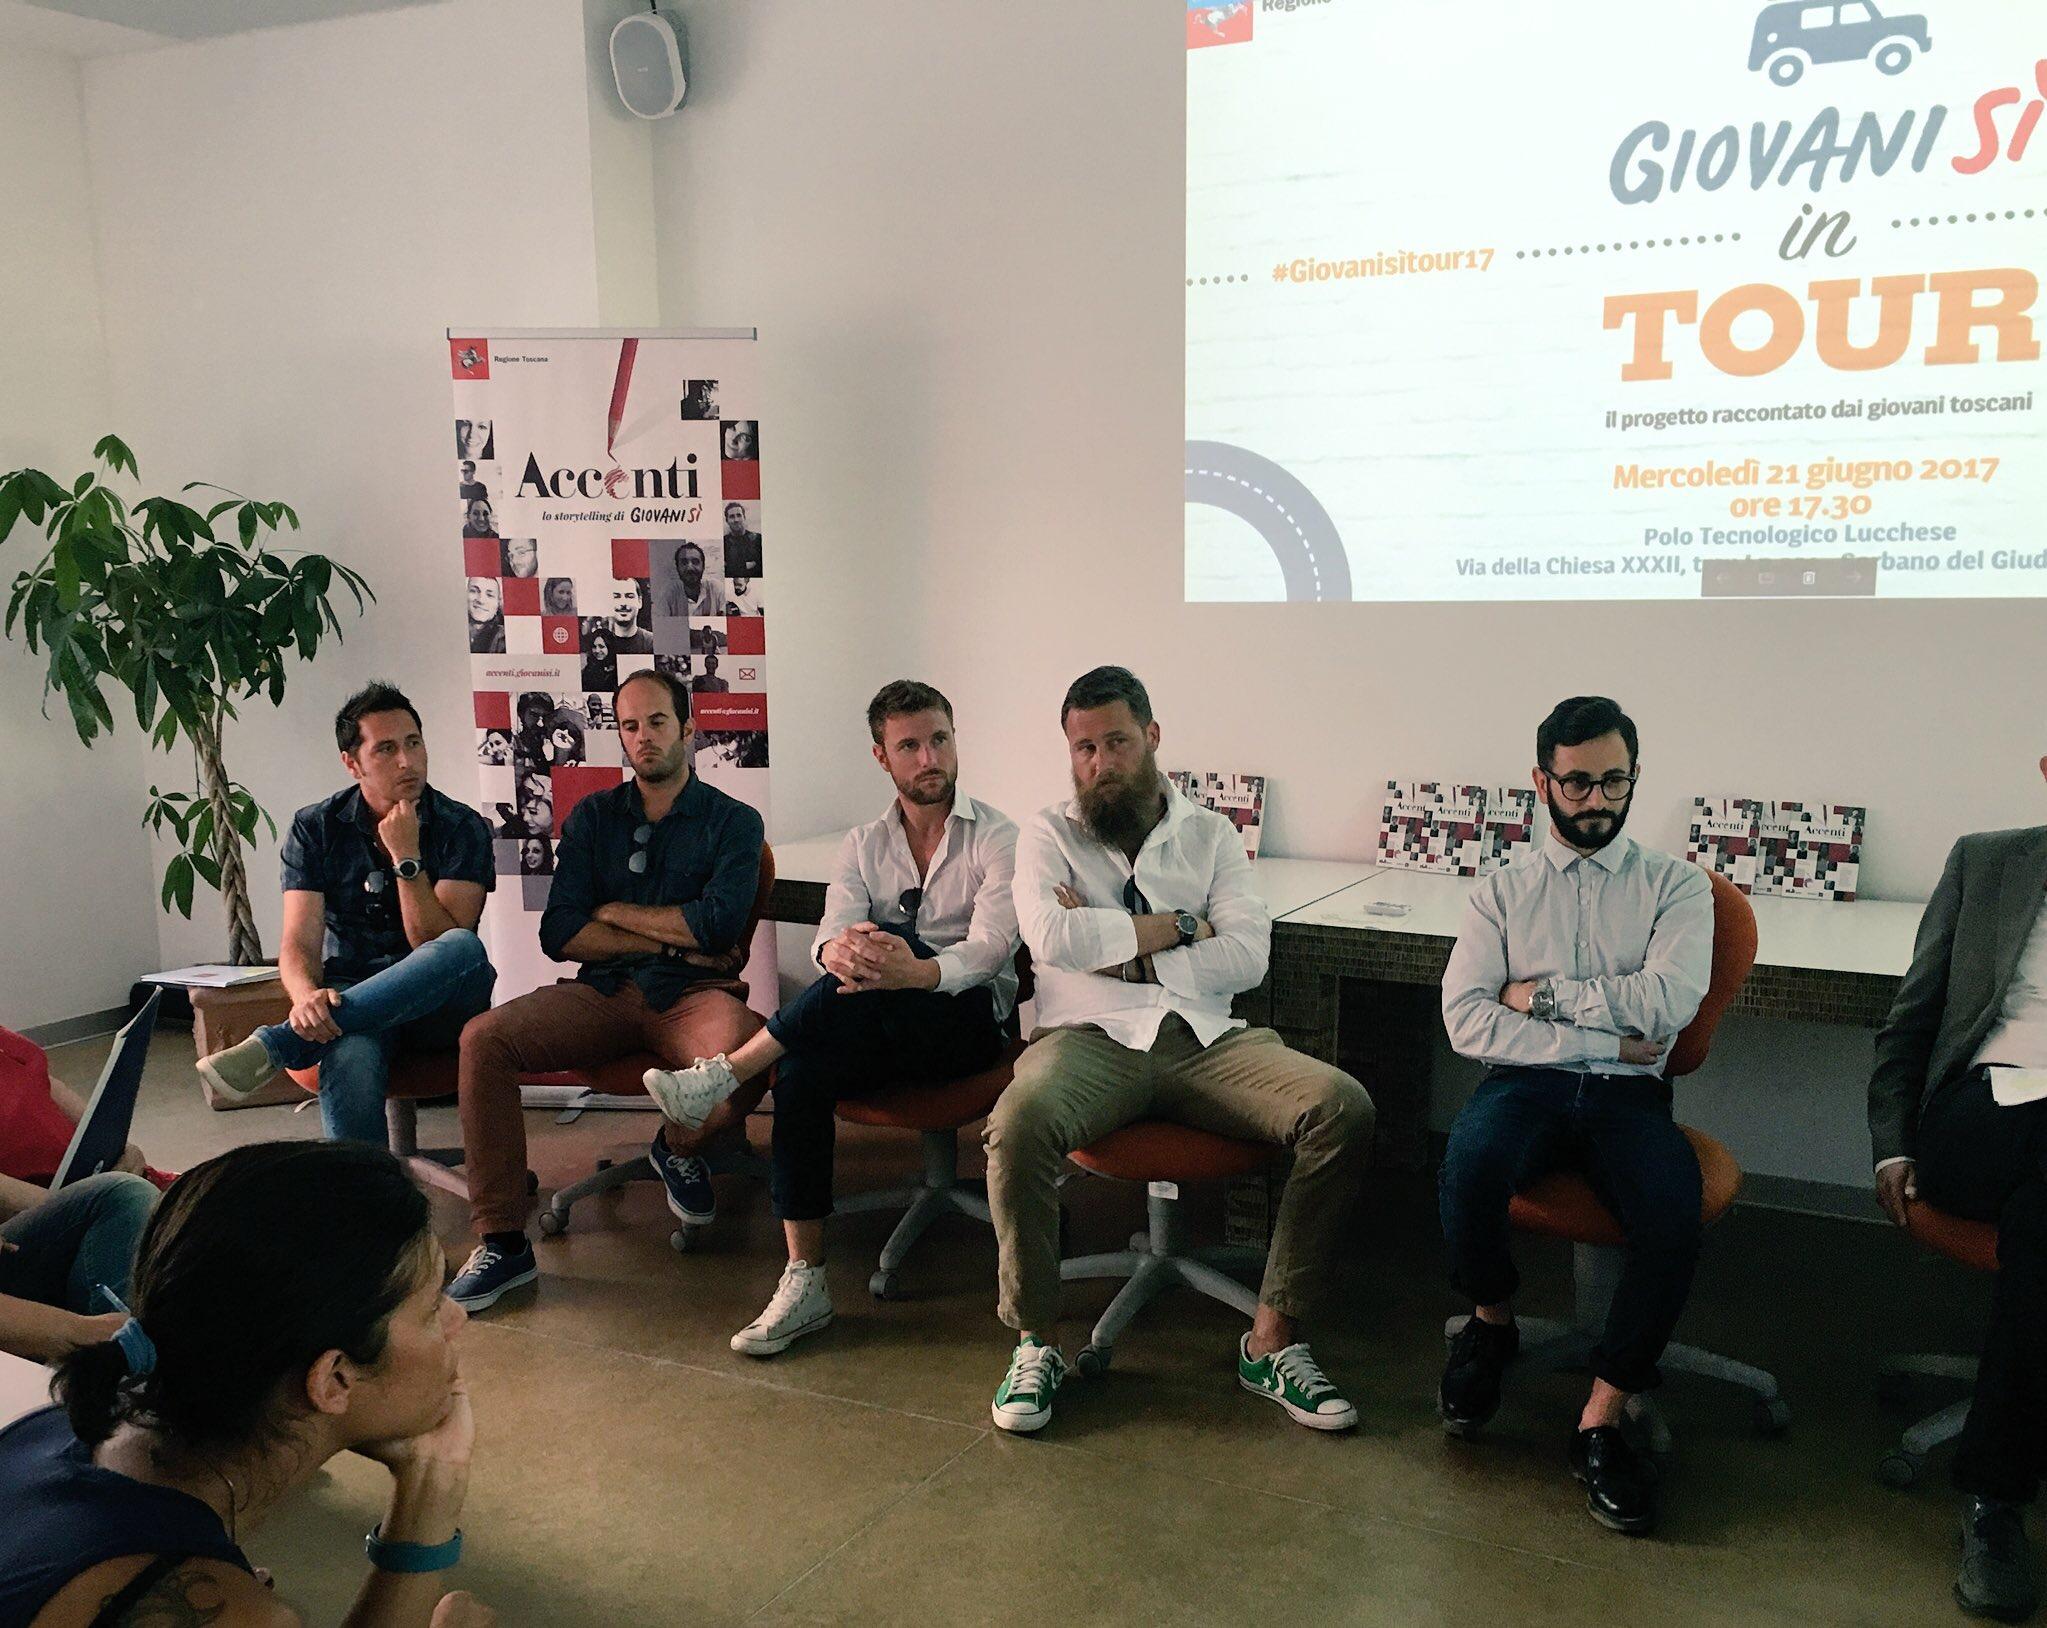 #Giovanisìtour a Lucca: rivivi l&#8217;evento con video, foto e social <div class='giovanisi-subtitle'>Giovanisì in tour fa una pausa estiva per ripartire ad ottobre da Montevarchi (AR)</div>